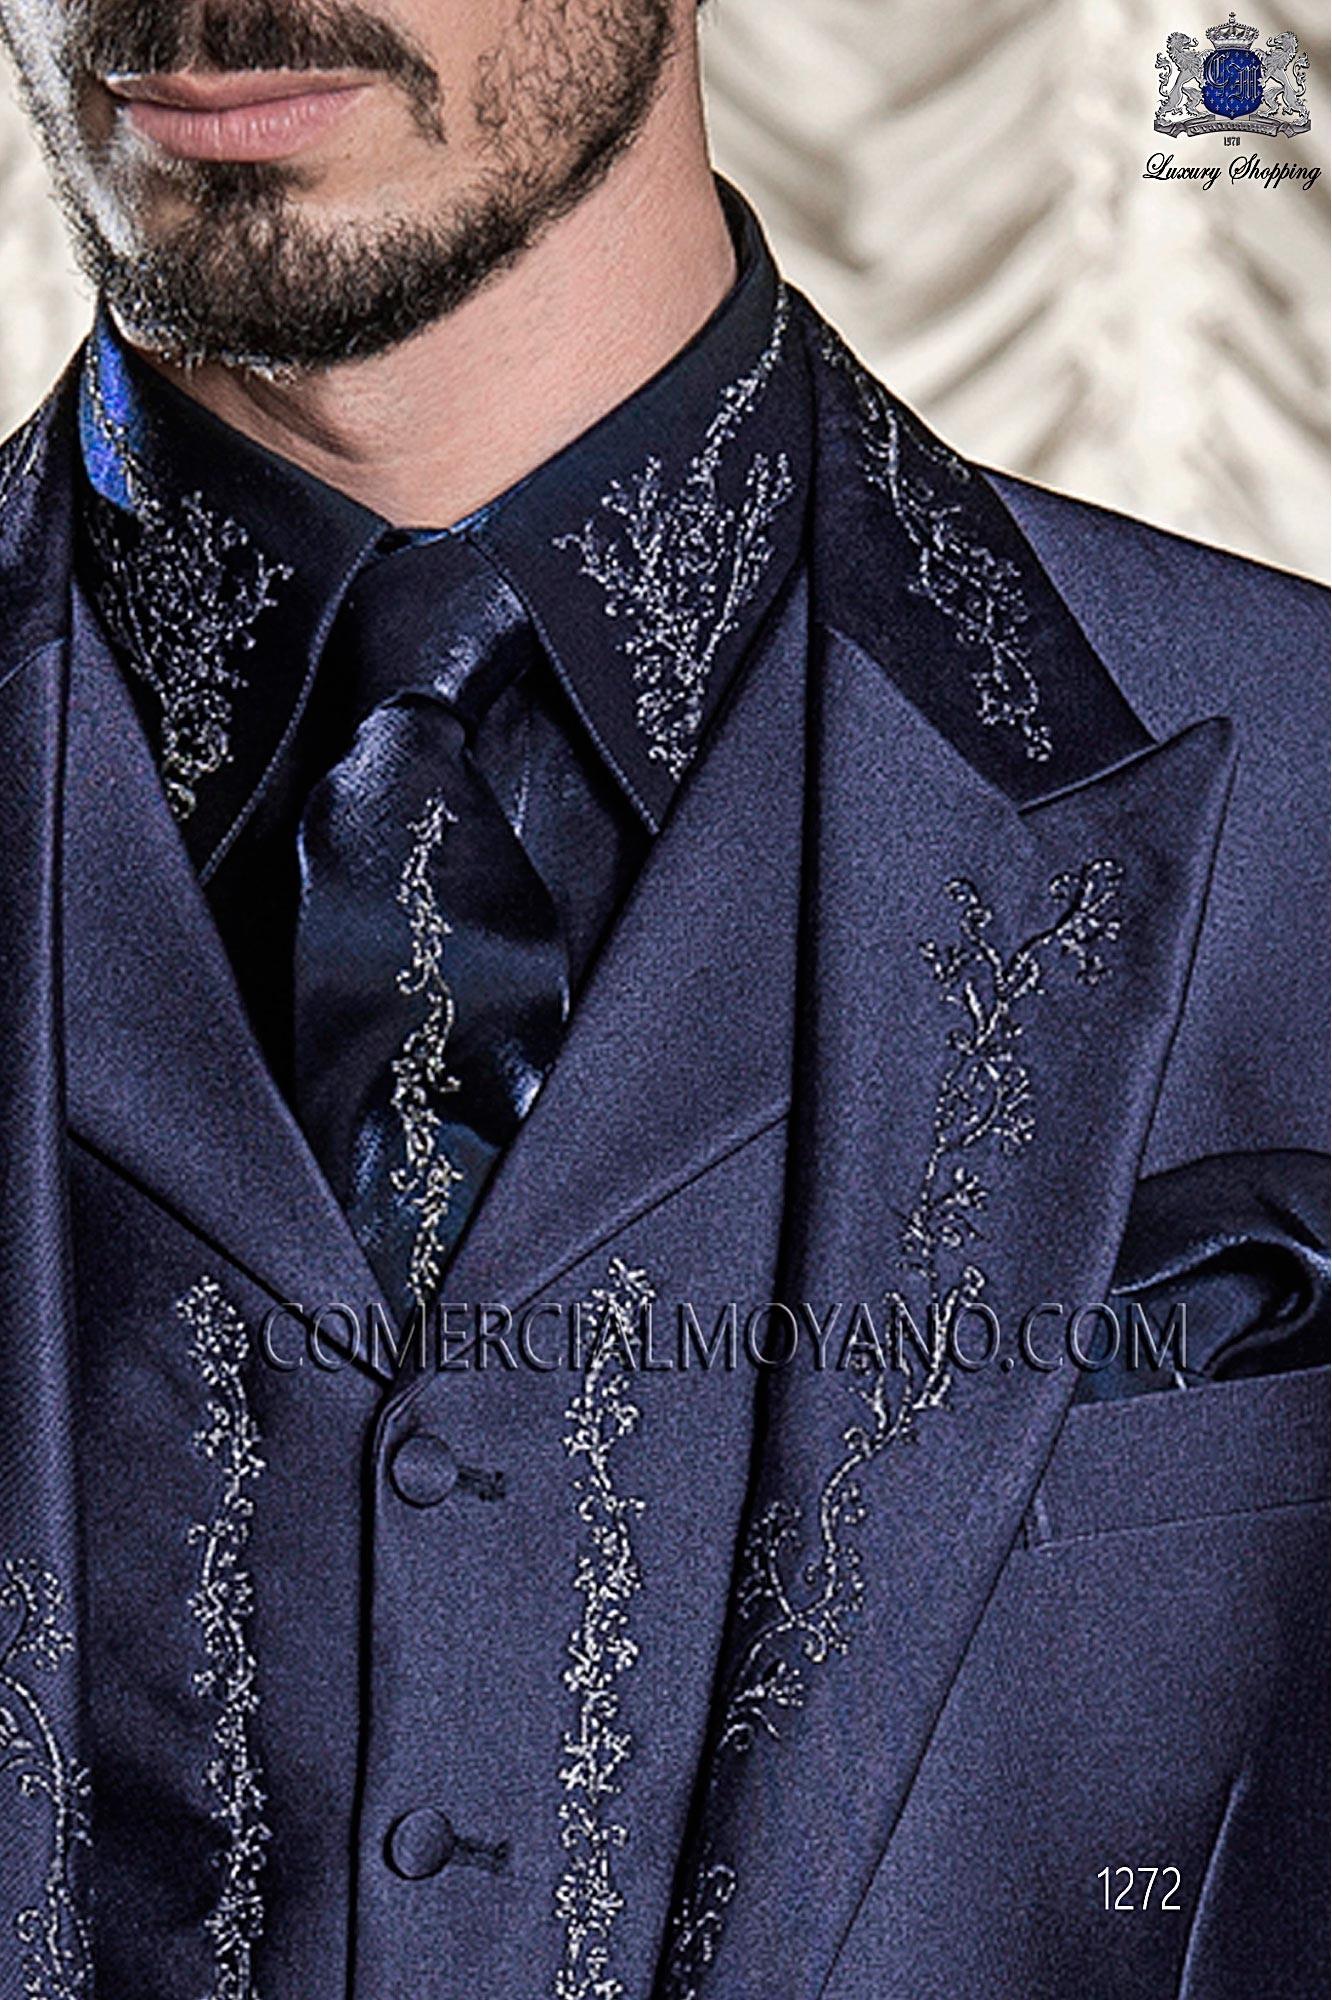 Traje barroco de novio azul modelo: 1272 Ottavio Nuccio Gala colección Barroco